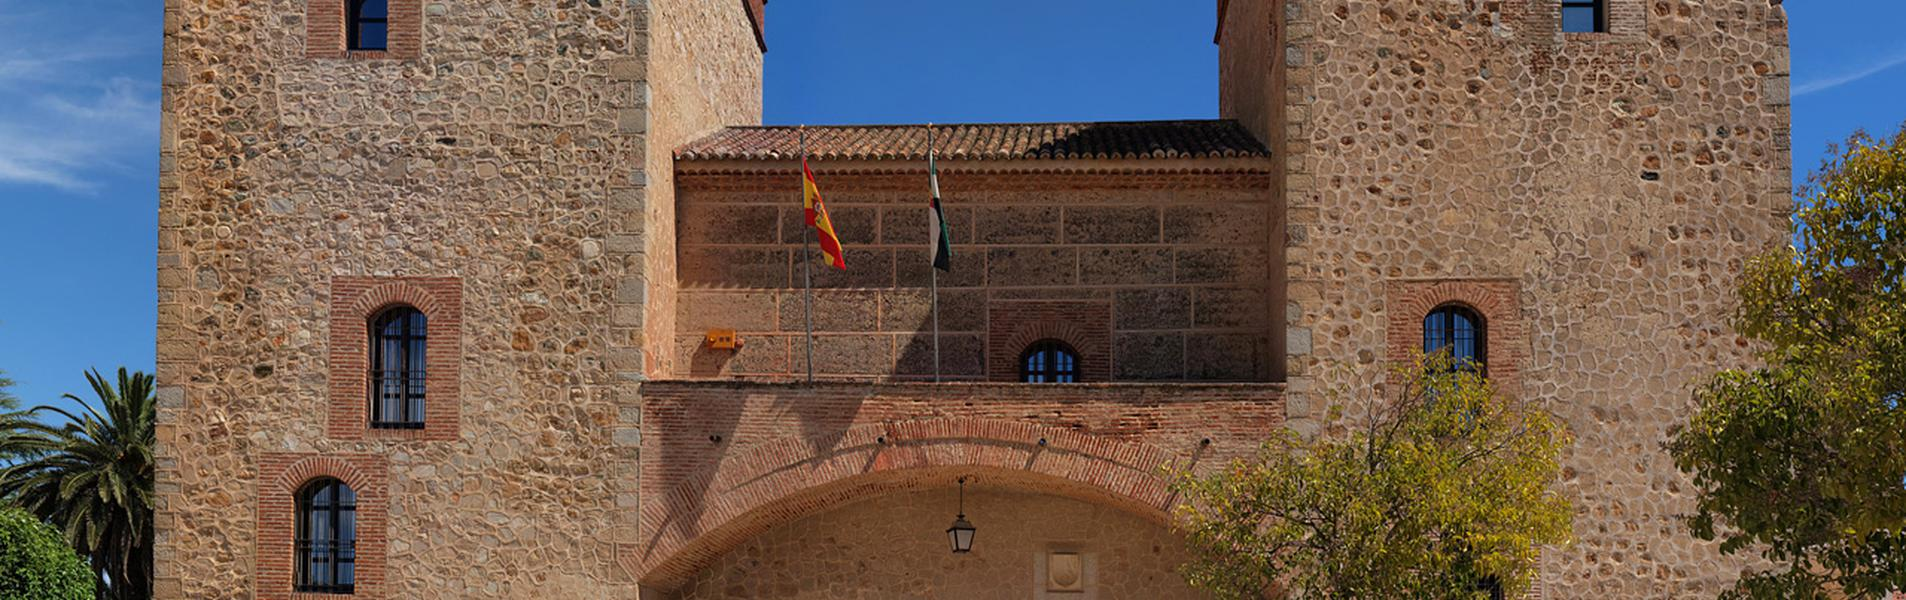 Museo Arqueológico de Badajoz